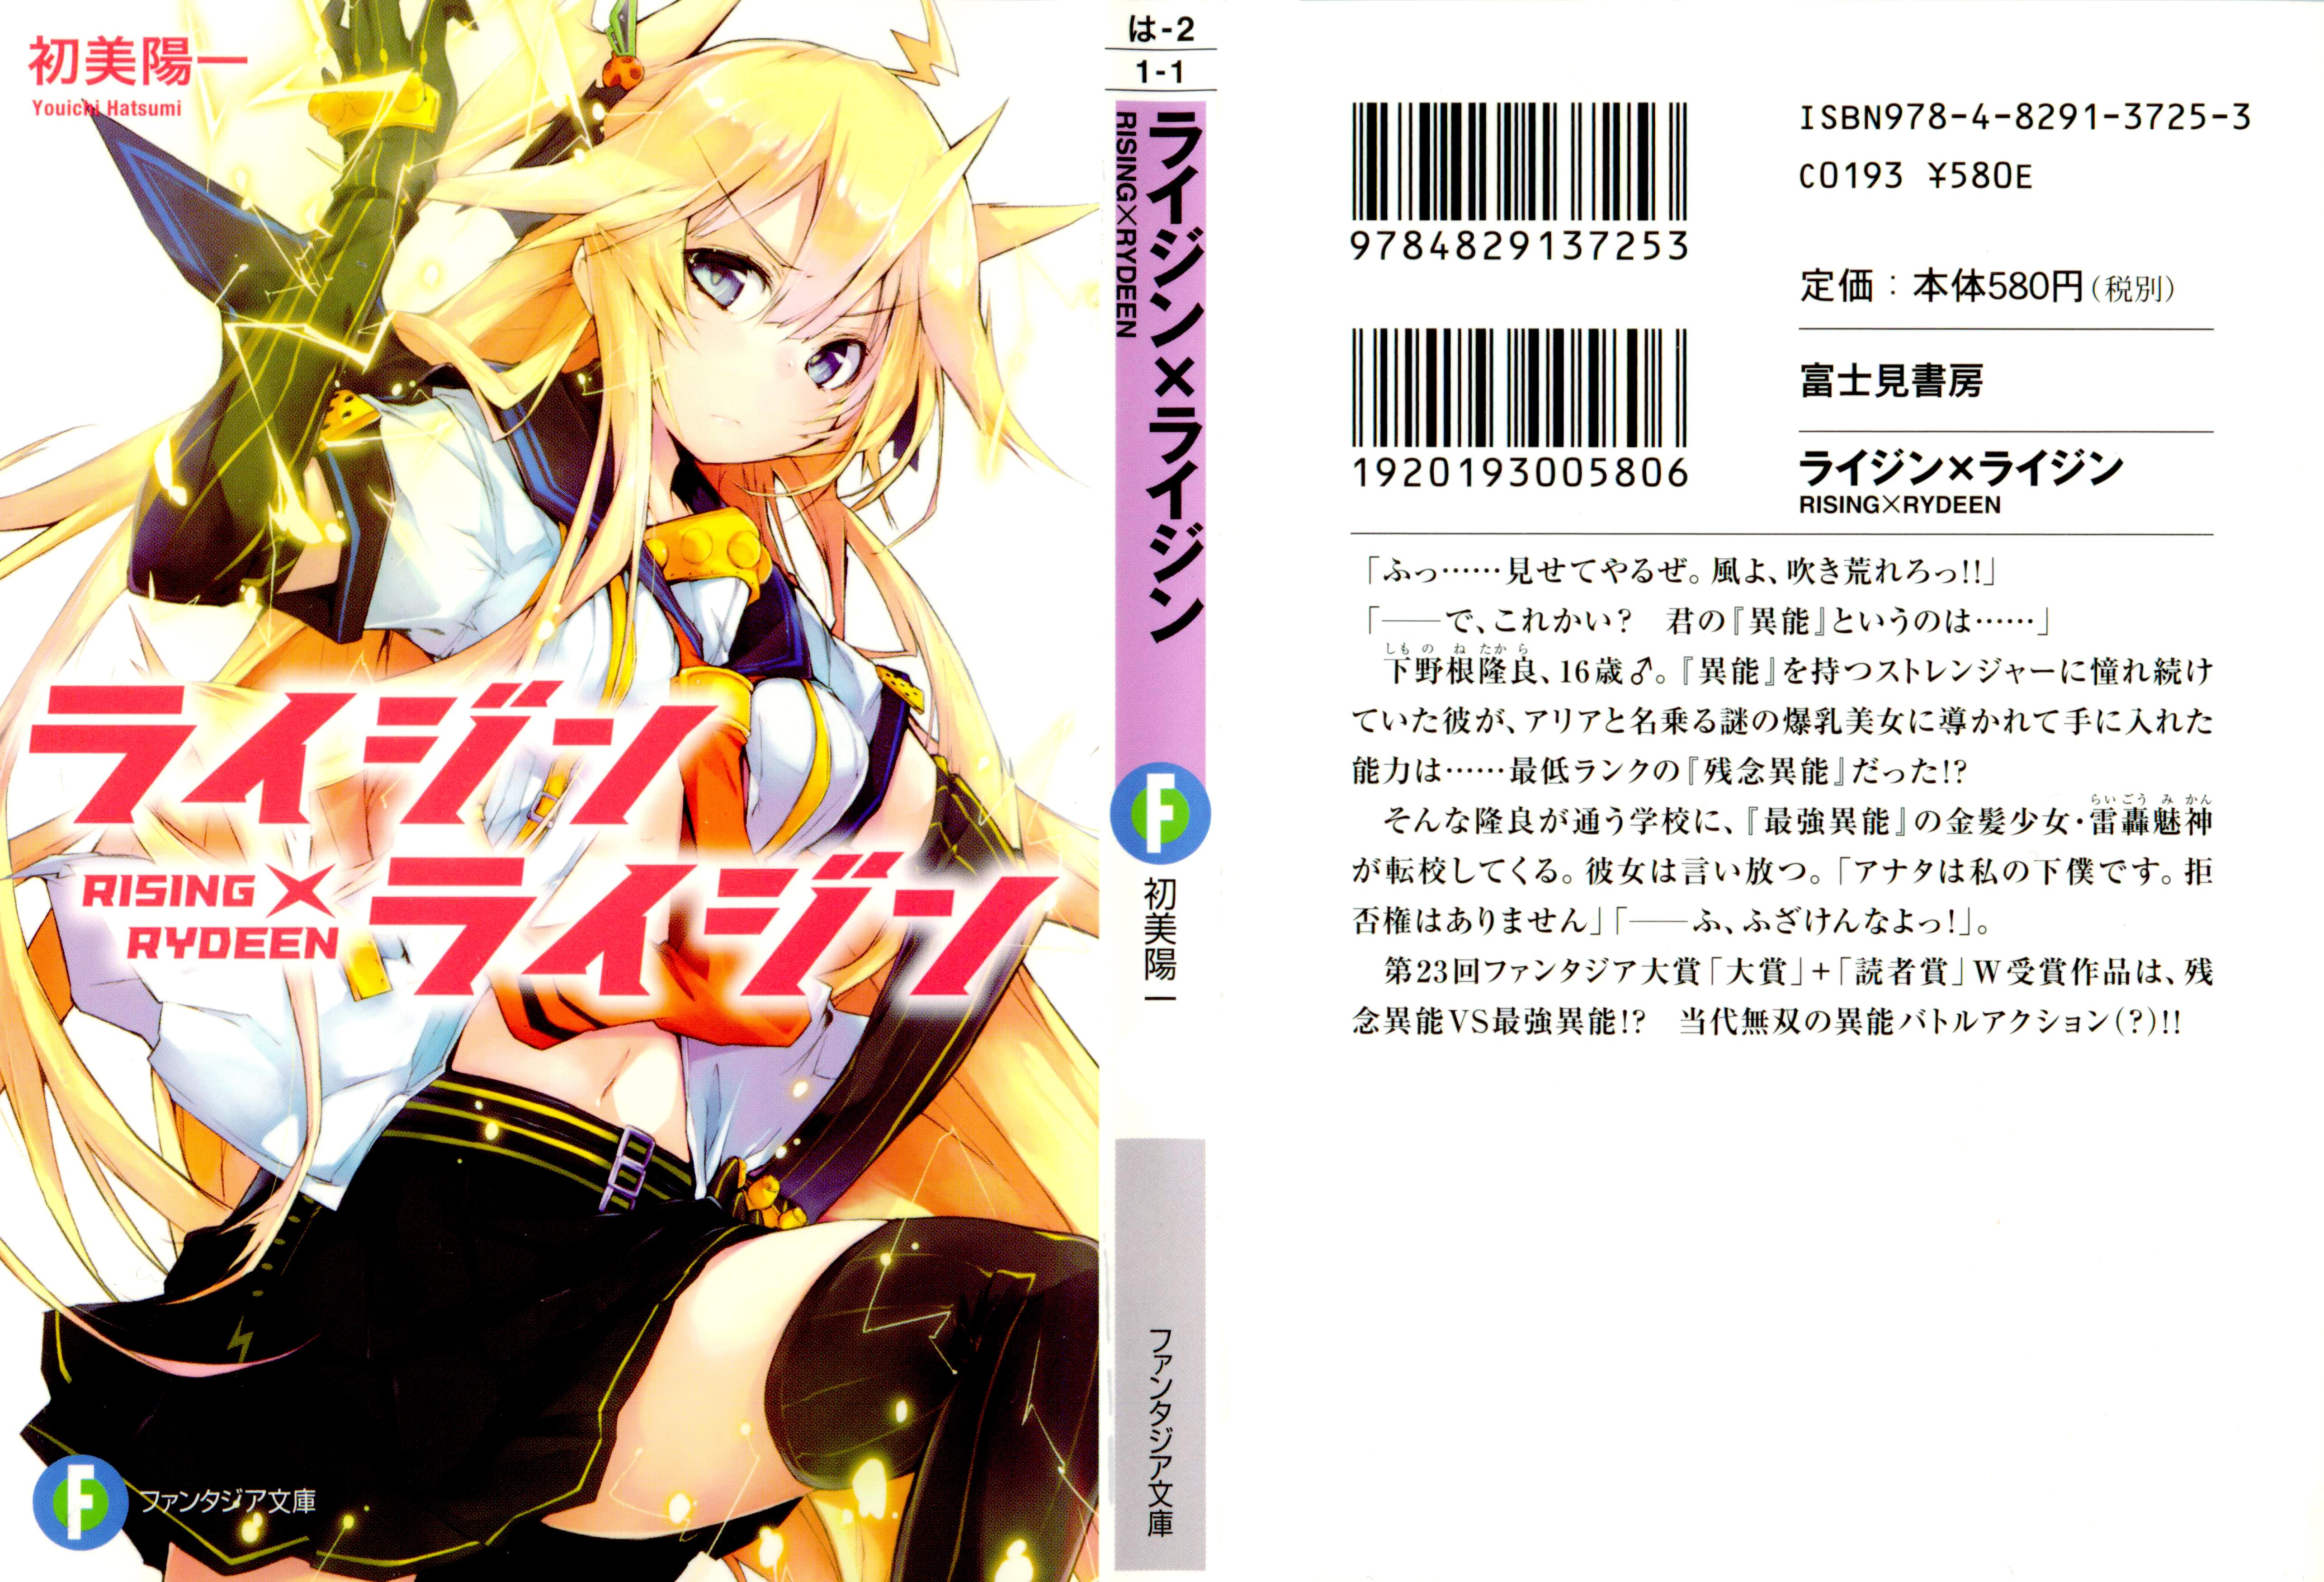 Rising X Rydeen Zerochan Anime Image Board